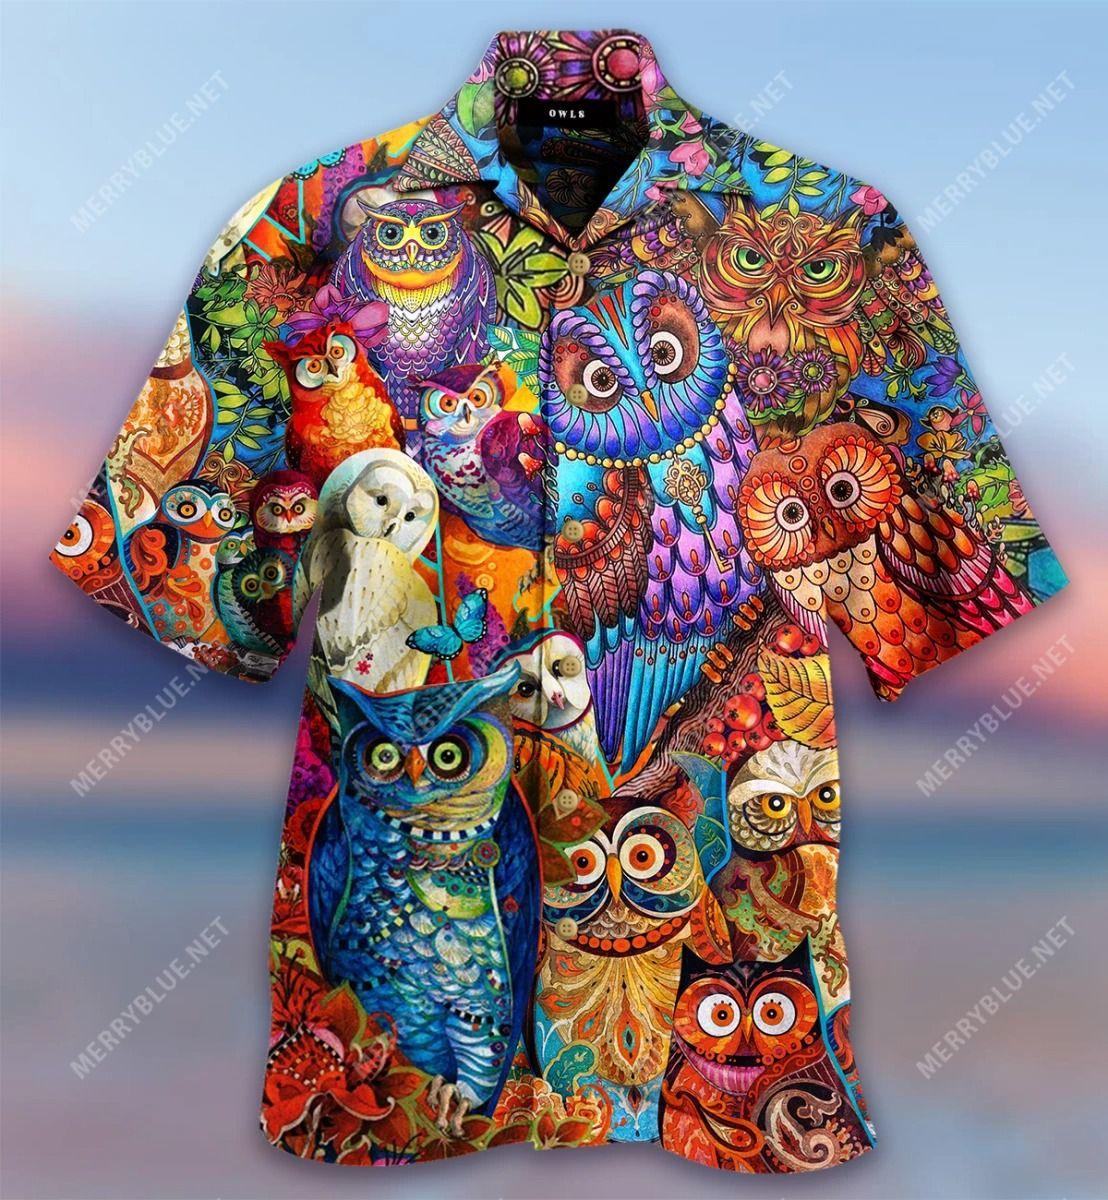 Colorful Owl Hawaiian Shirt